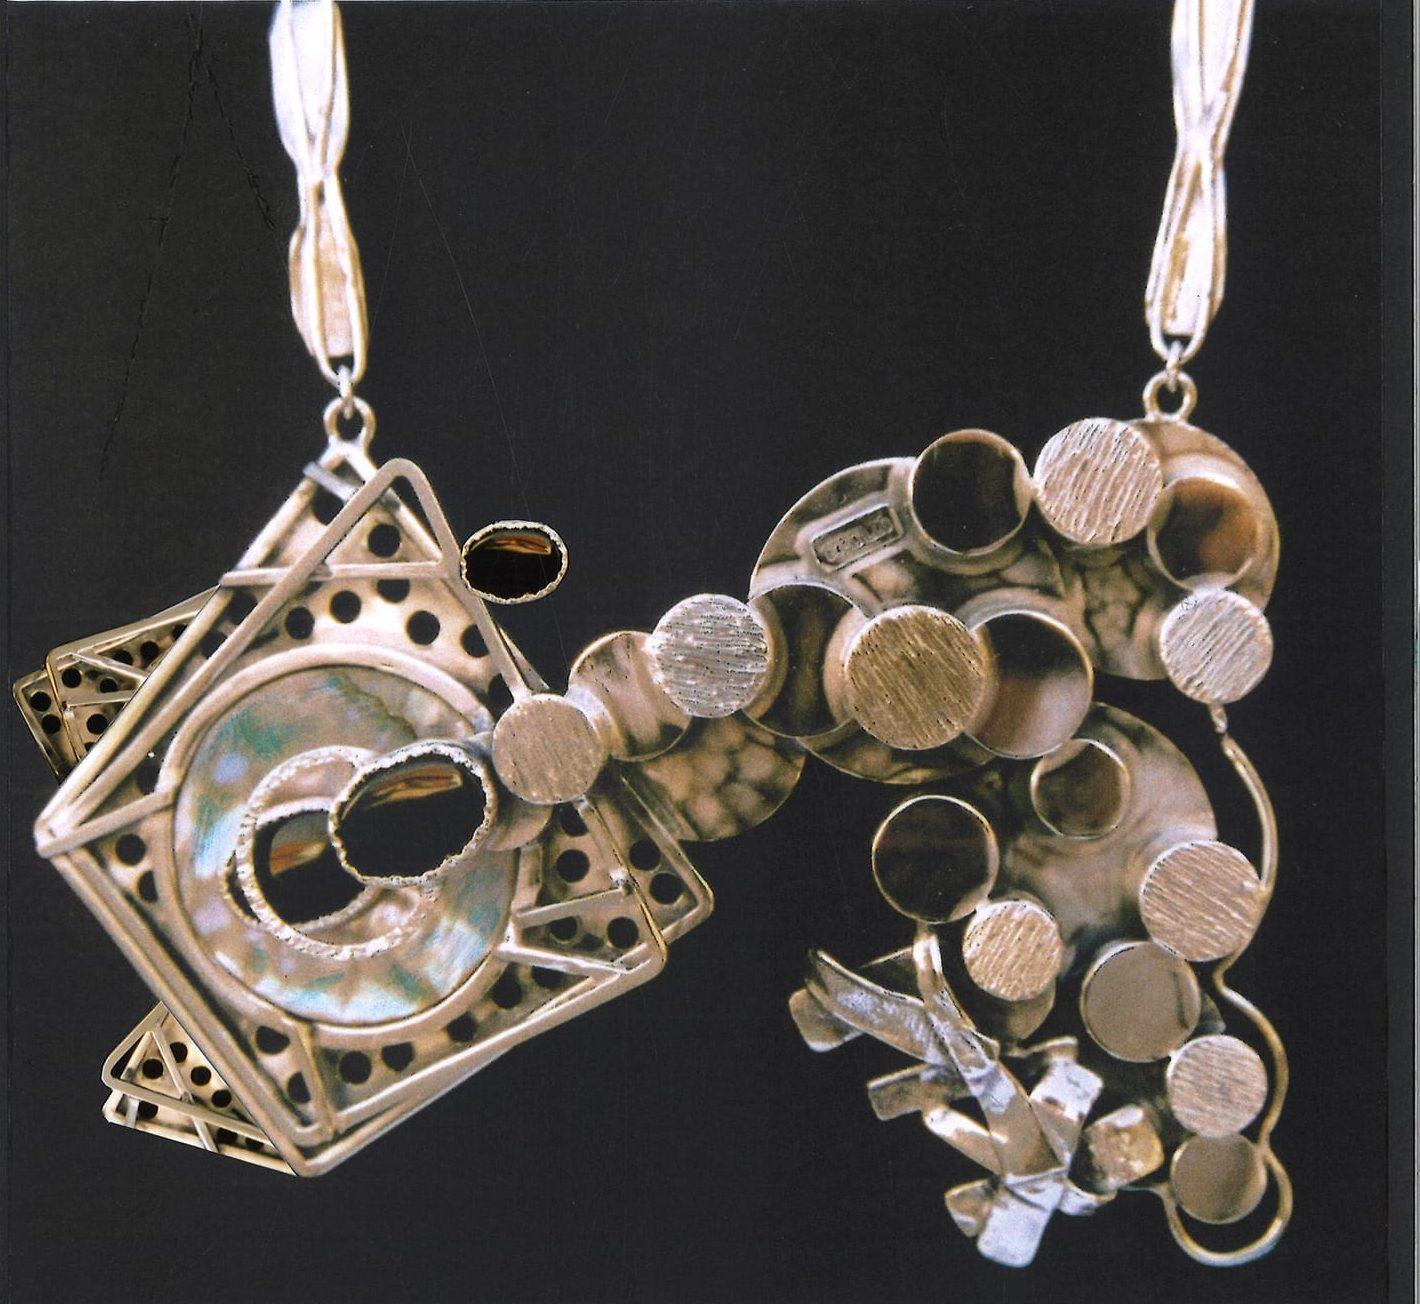 Alberto Gordillo, halssieraad, 1970-1979, zilver, parelmoer, onyx